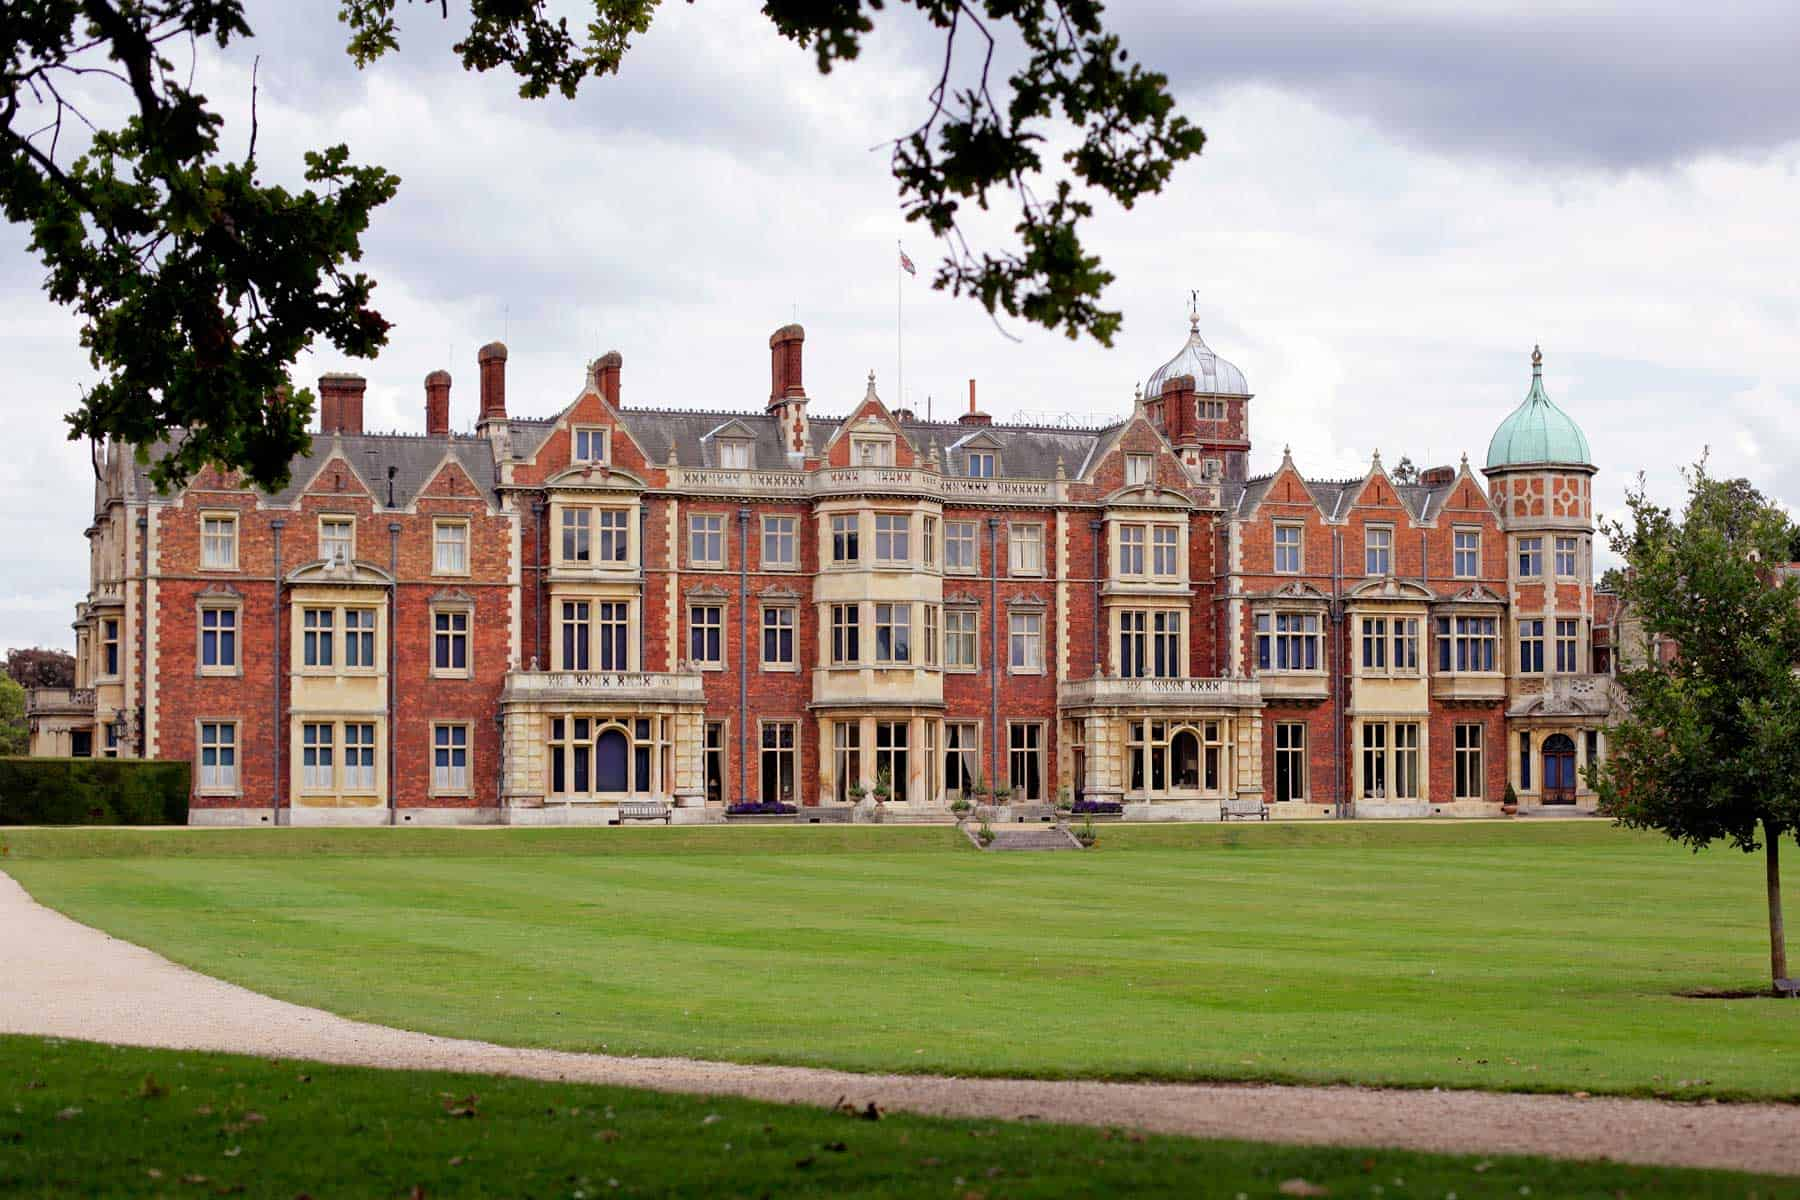 Durante un fin de semana de Septiembre se habilitará un autocine en Sandringham, el hogar de la reina Isabel II